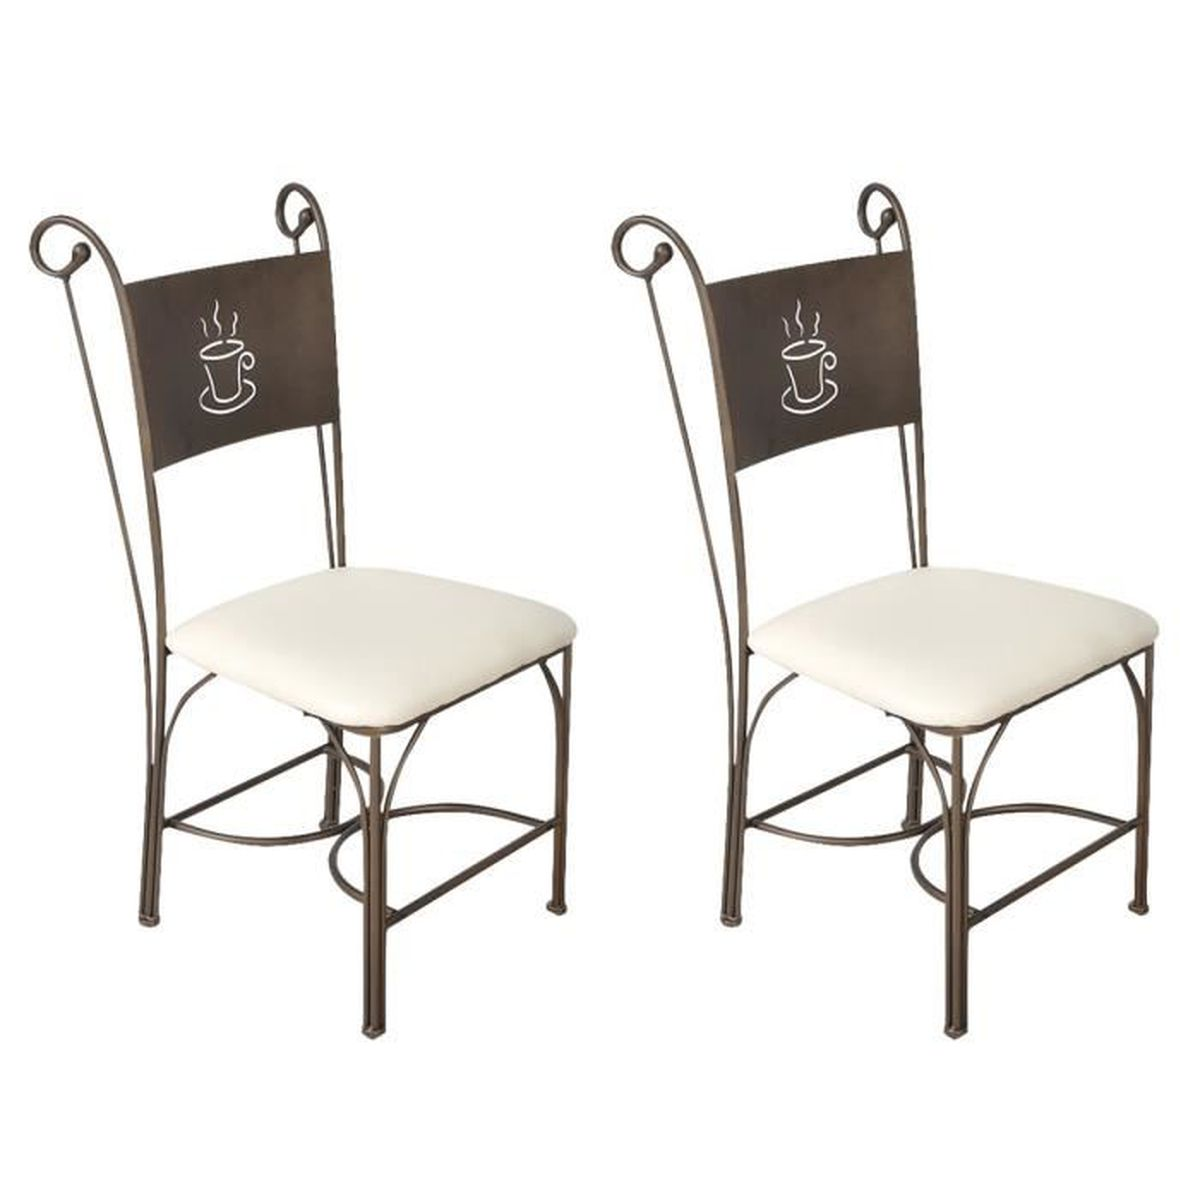 chaise metal loft achat vente chaise metal loft pas cher les soldes sur cdiscount cdiscount. Black Bedroom Furniture Sets. Home Design Ideas